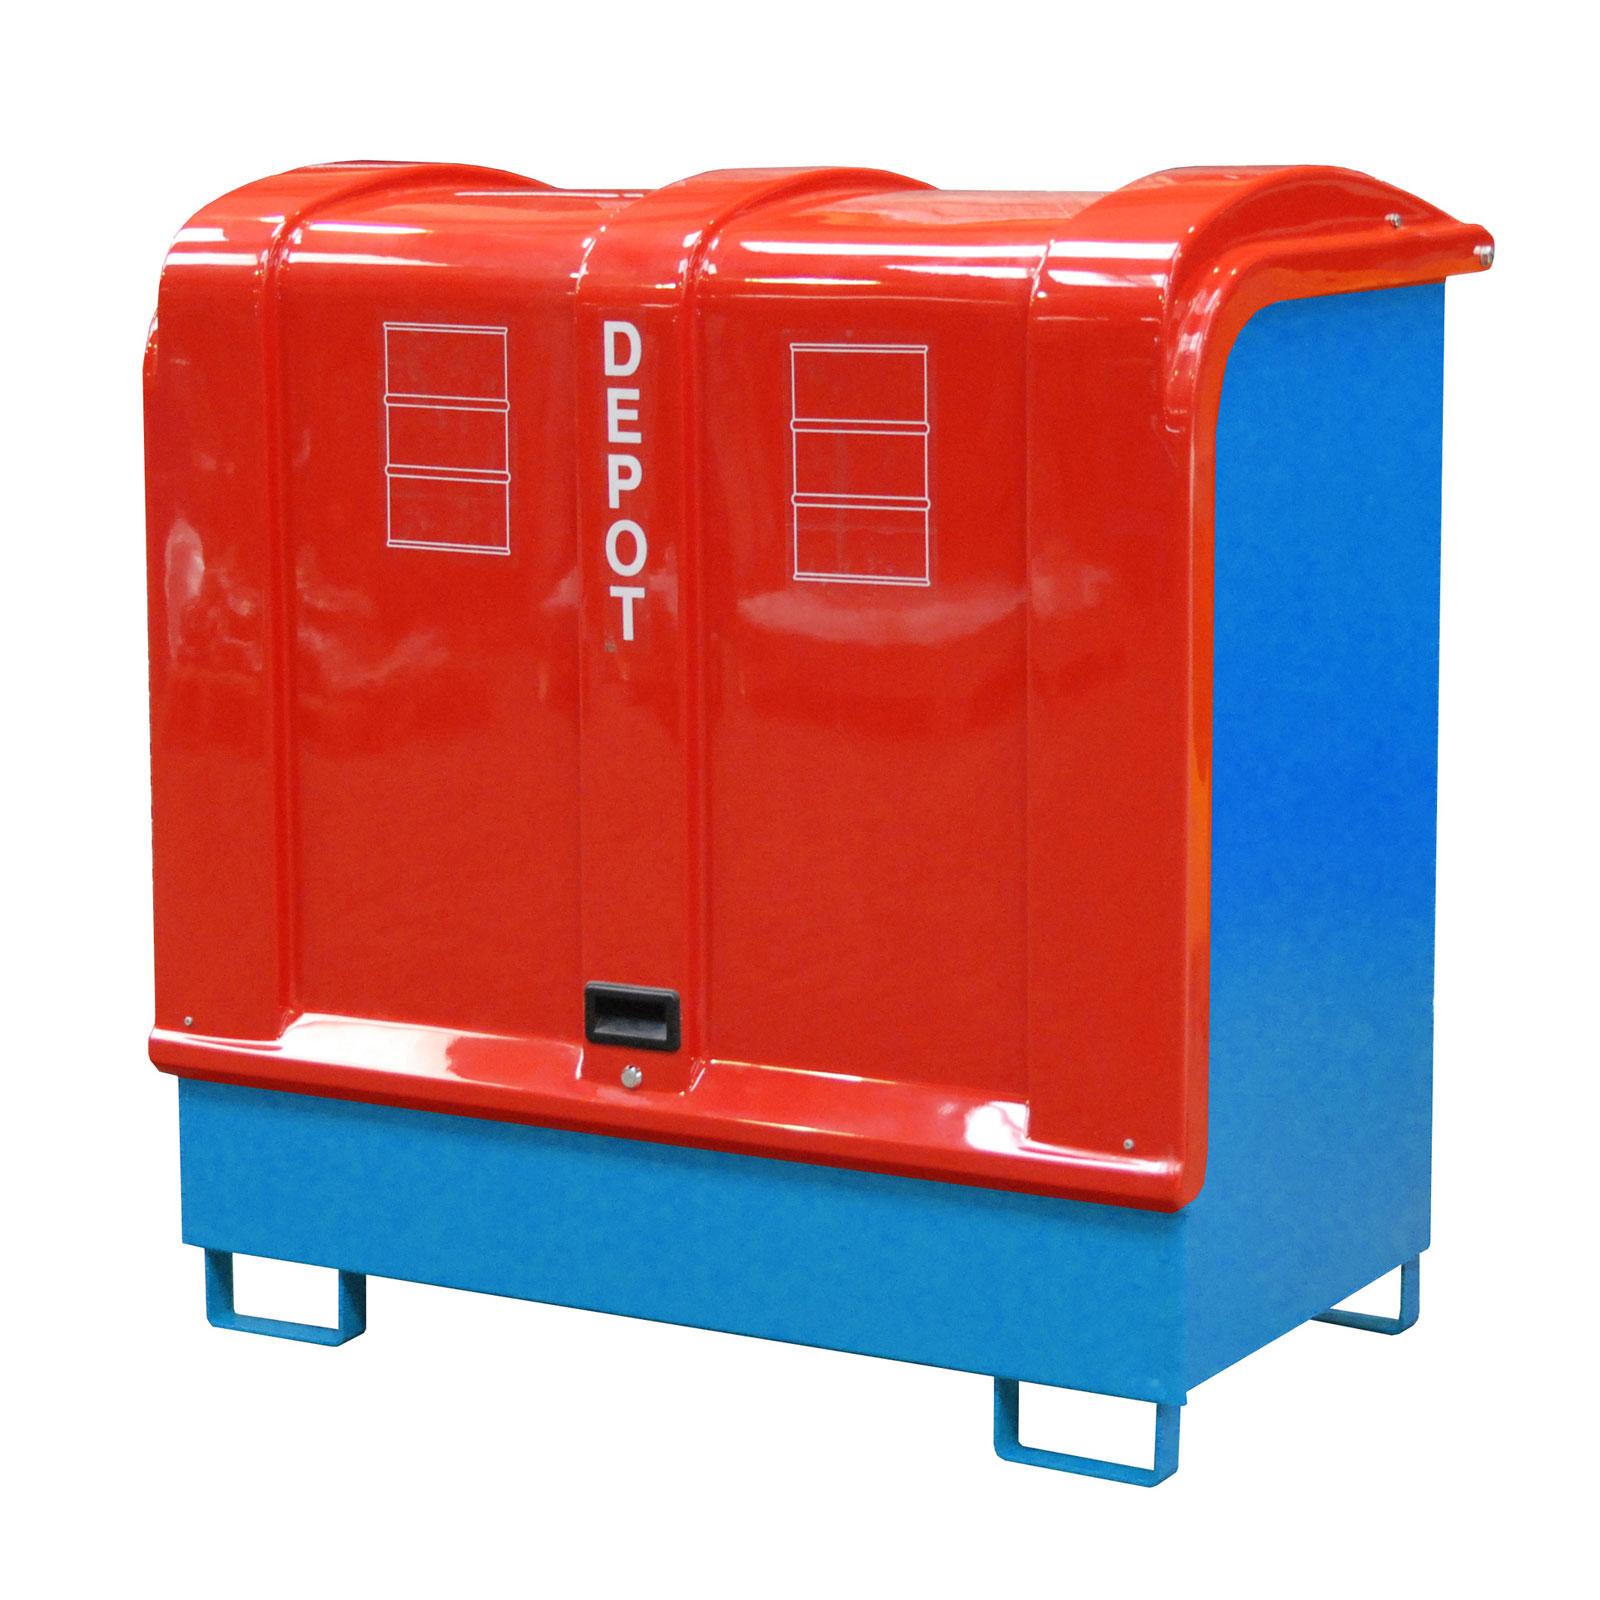 Bauer Gefahrstoff-Depot GD-B für Außenbereich mit Spritzschutzwand und GFK-Haube, Lichtblau 4416-02-0000-3